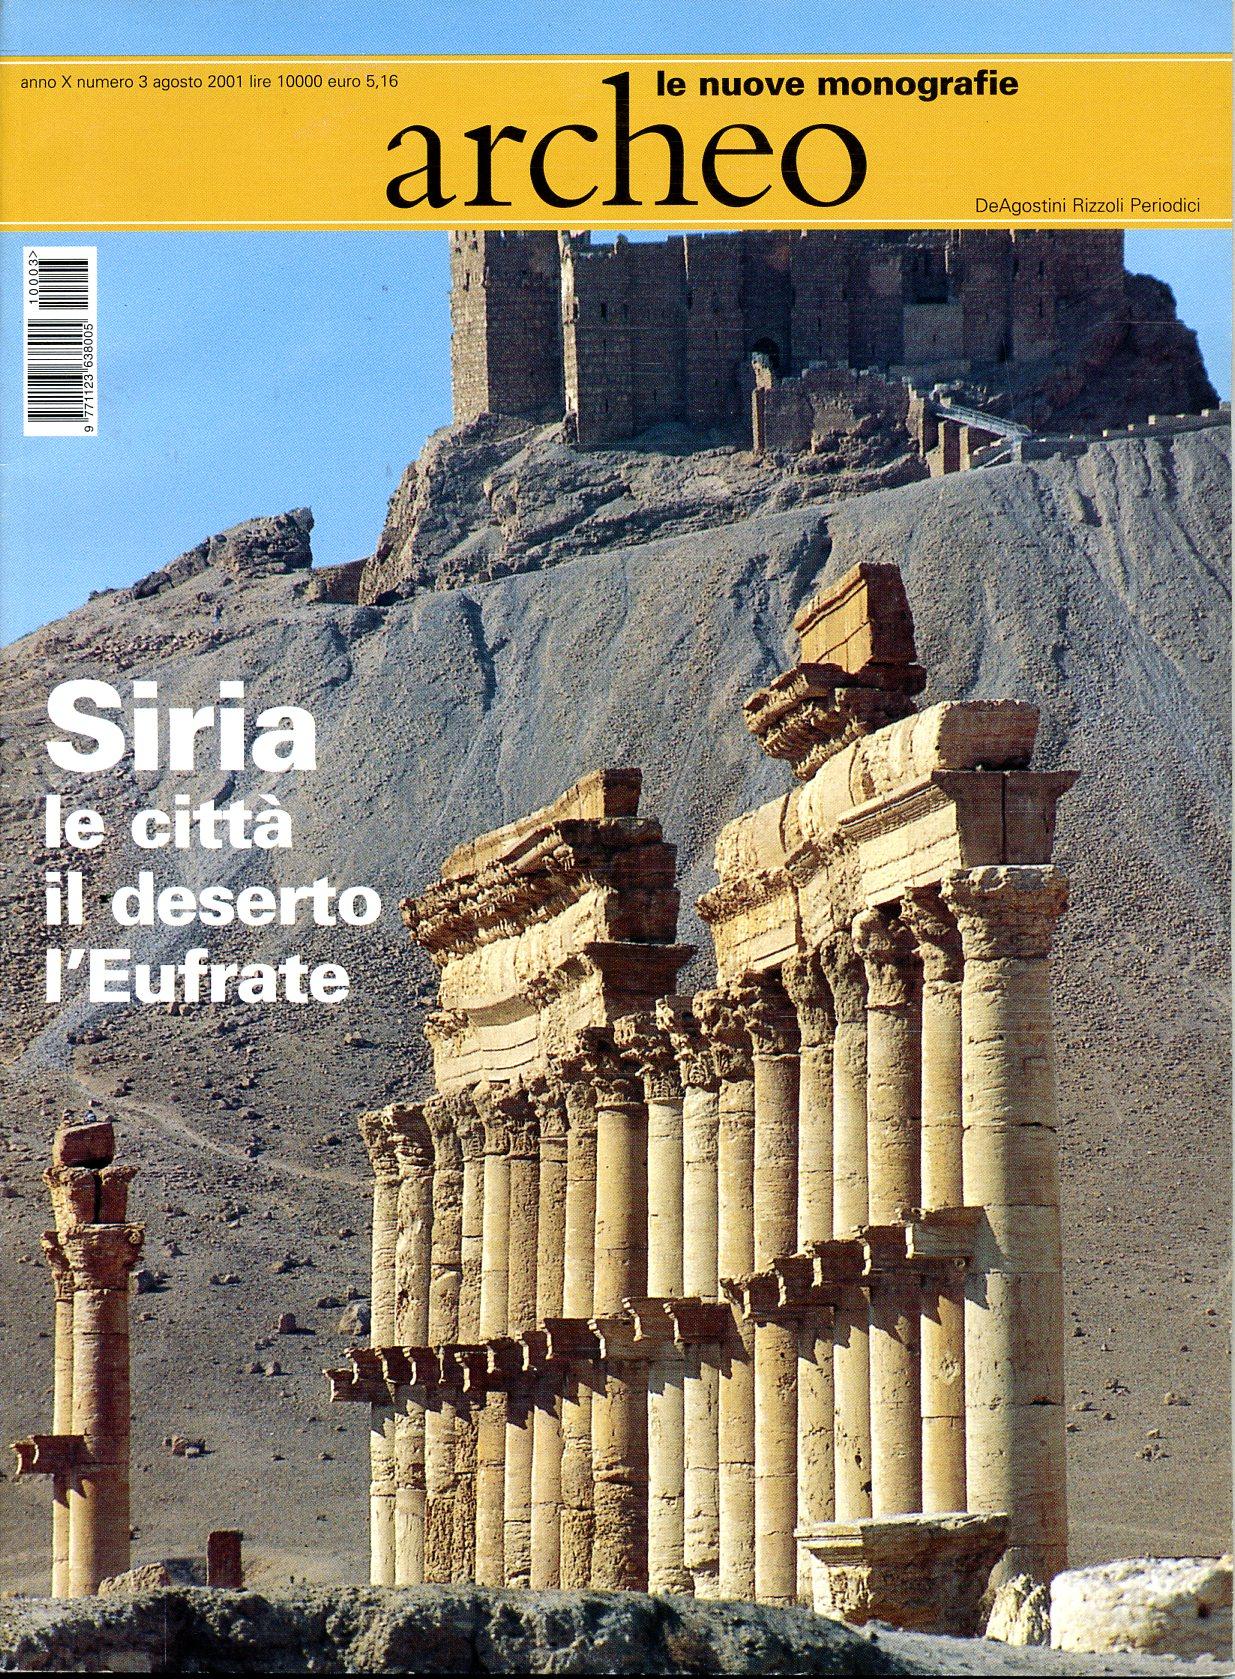 Siria: le città, il deserto, l'Eufrate